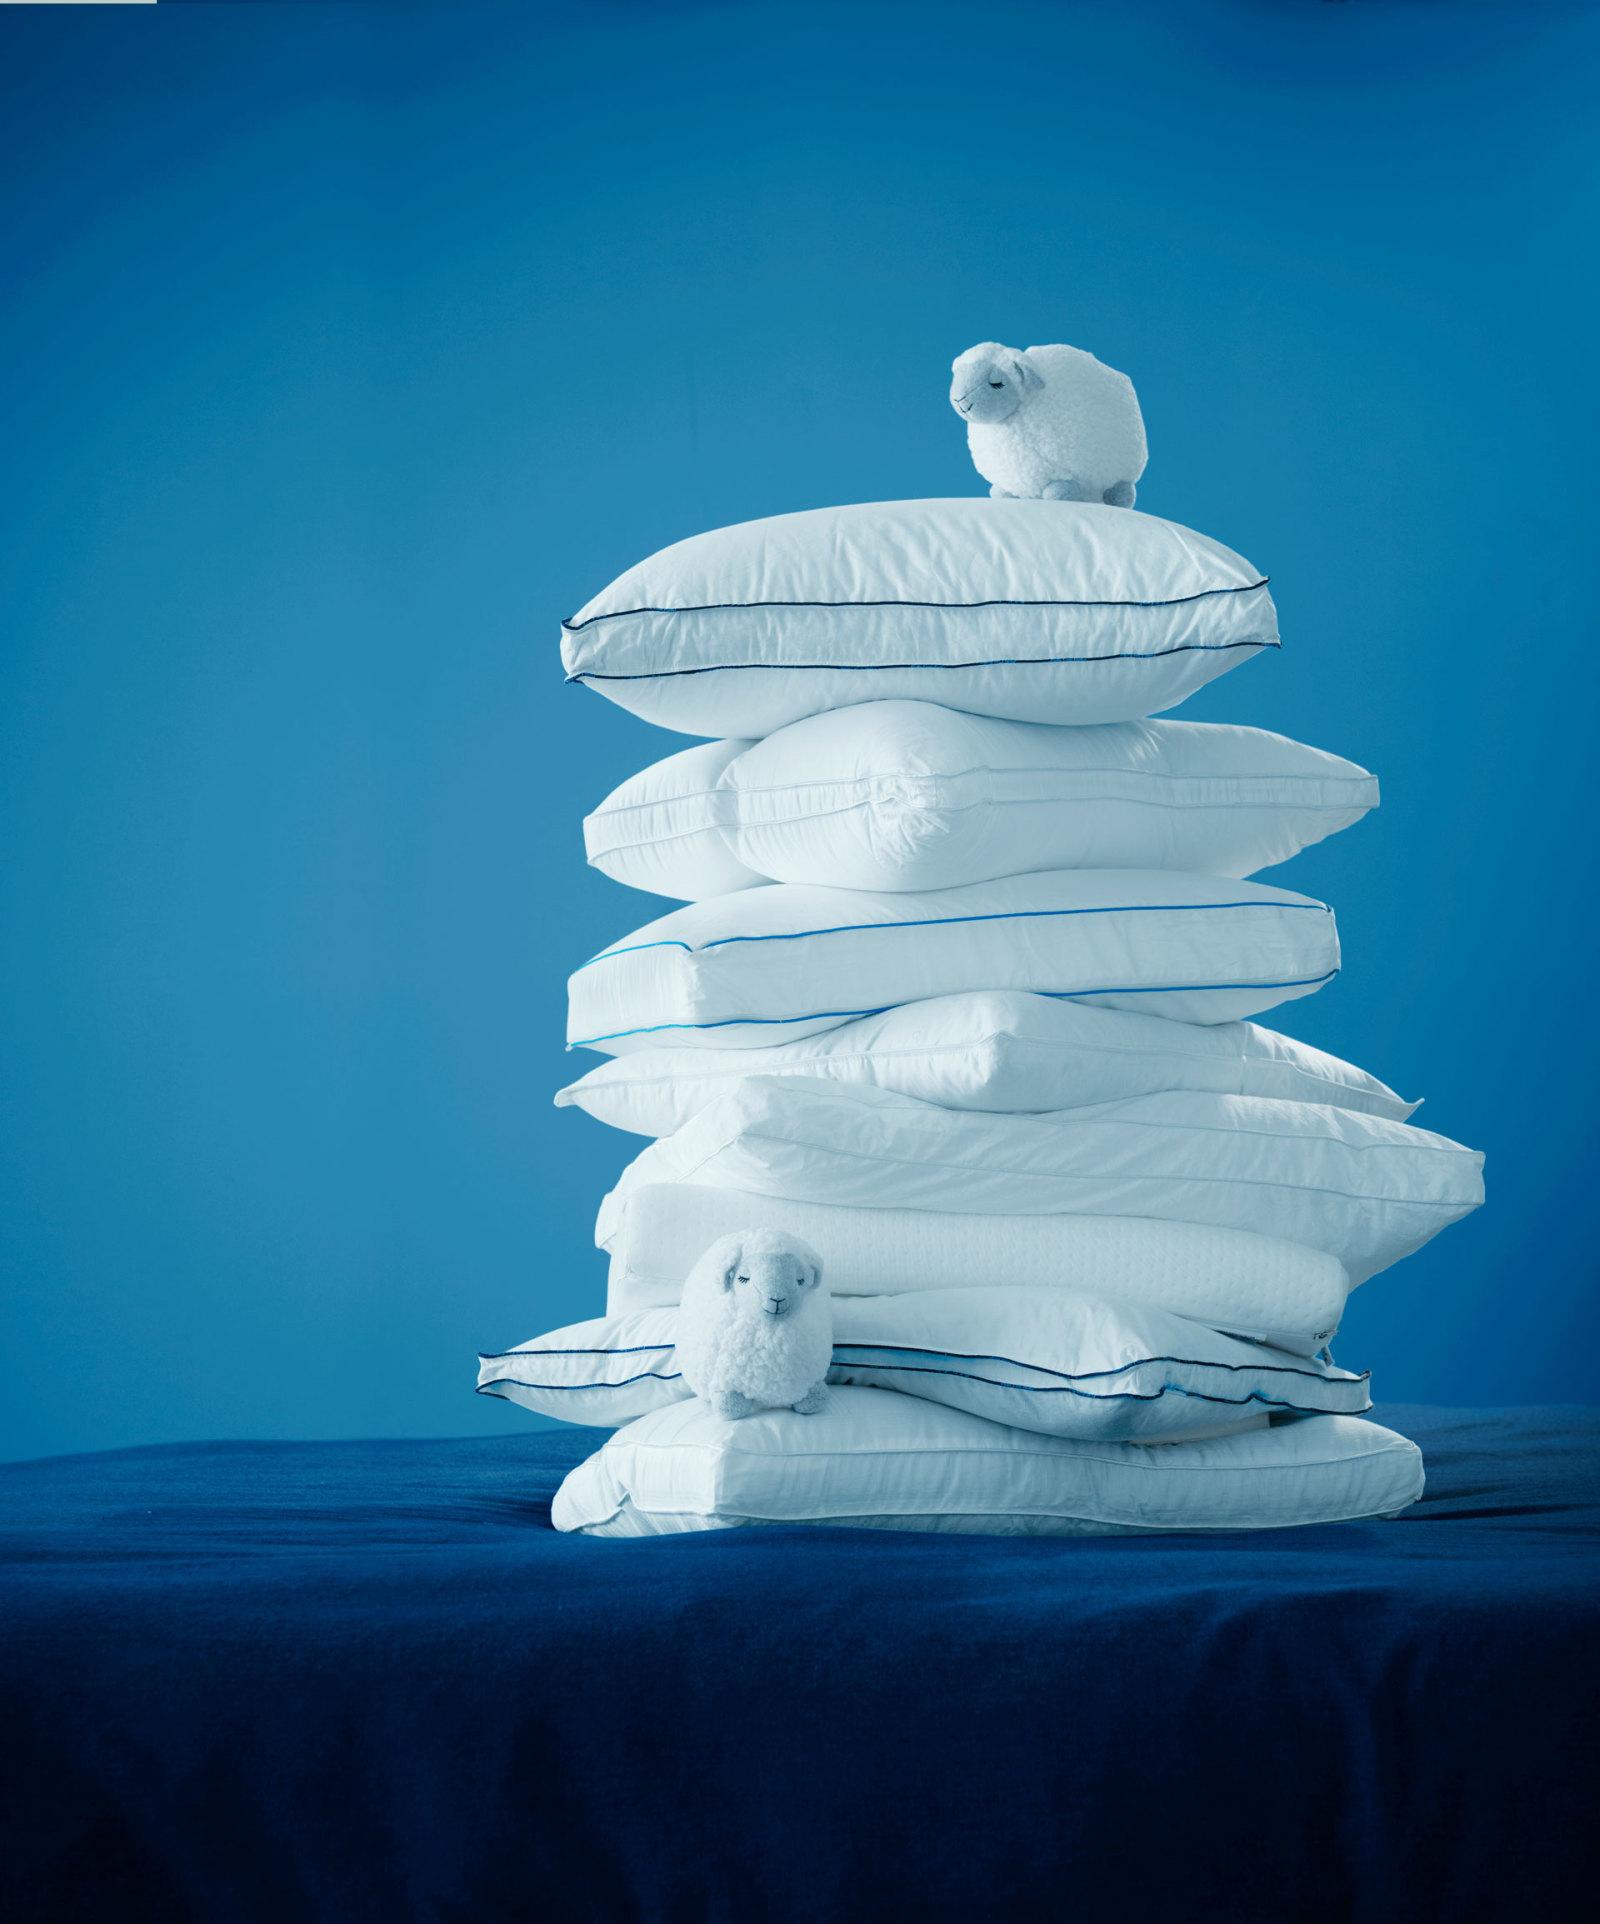 Best Pillows - Pillow Reviews